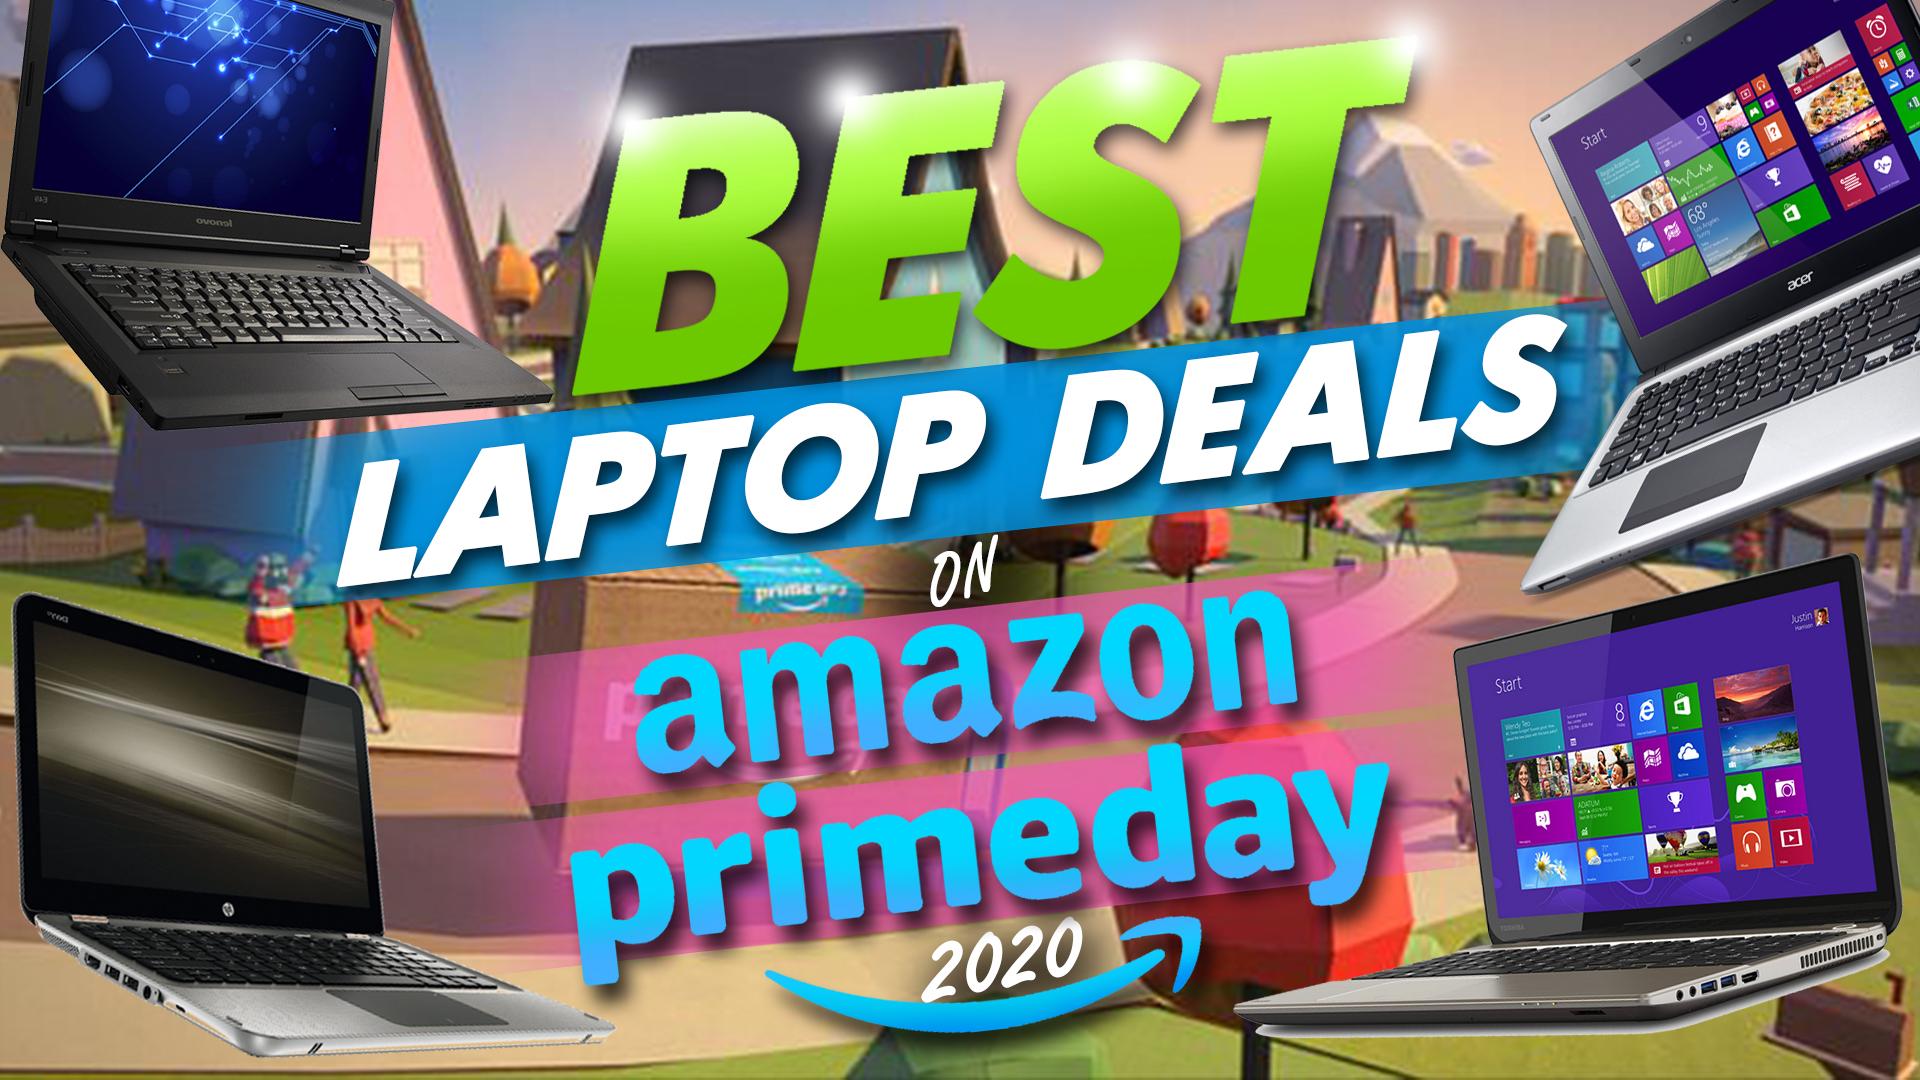 Amazon Prime Day 2020 Best Laptop Deals Updated November 2020 Hayk Saakian